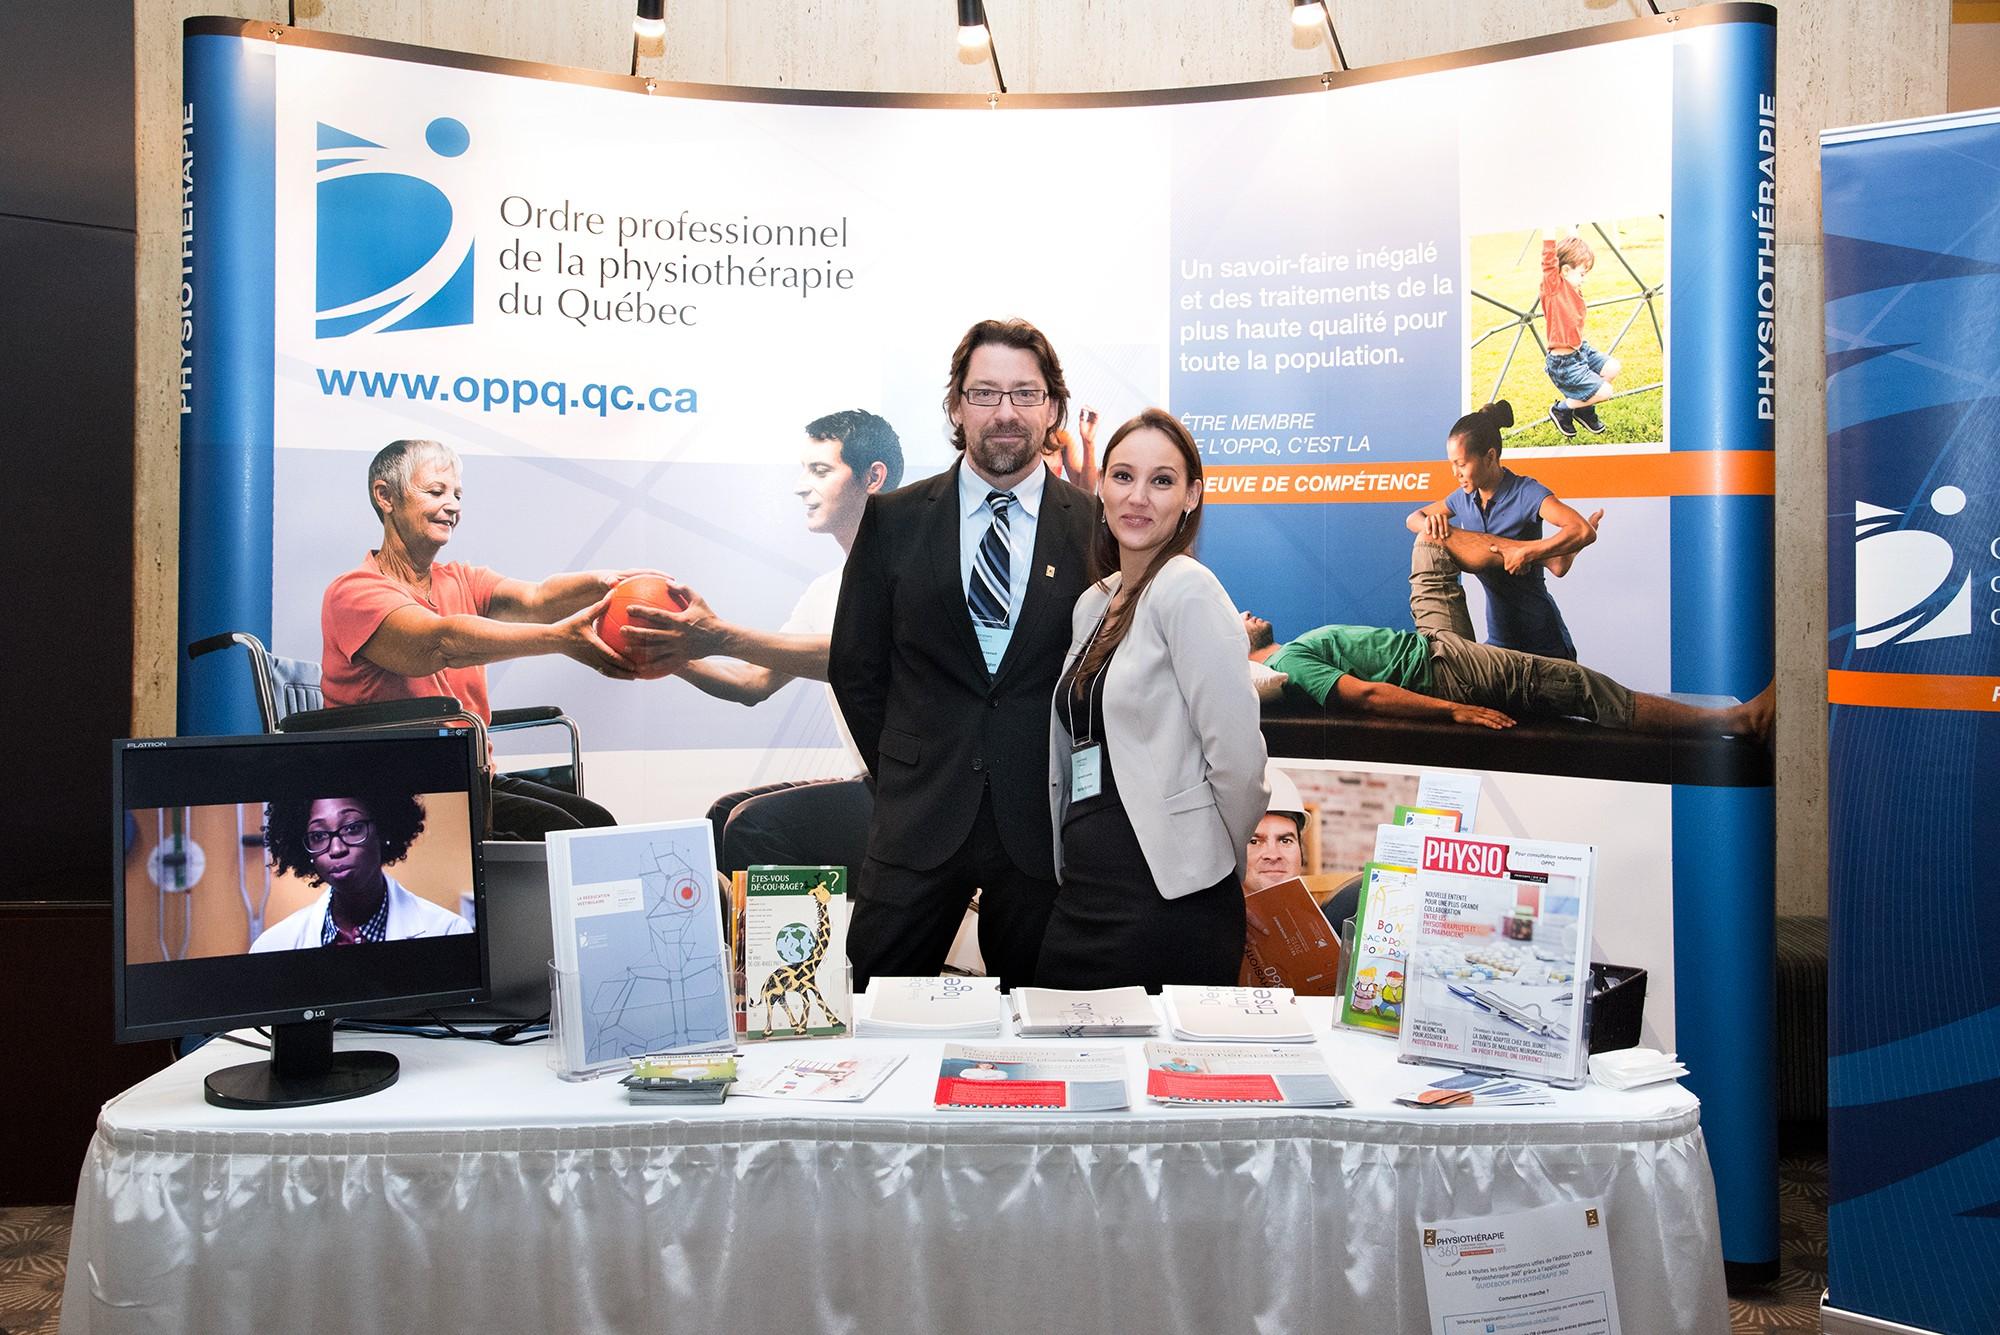 Représentants au kiosque d'un événement corporatif / Ordre professionnel de la physiothérapie du Québec